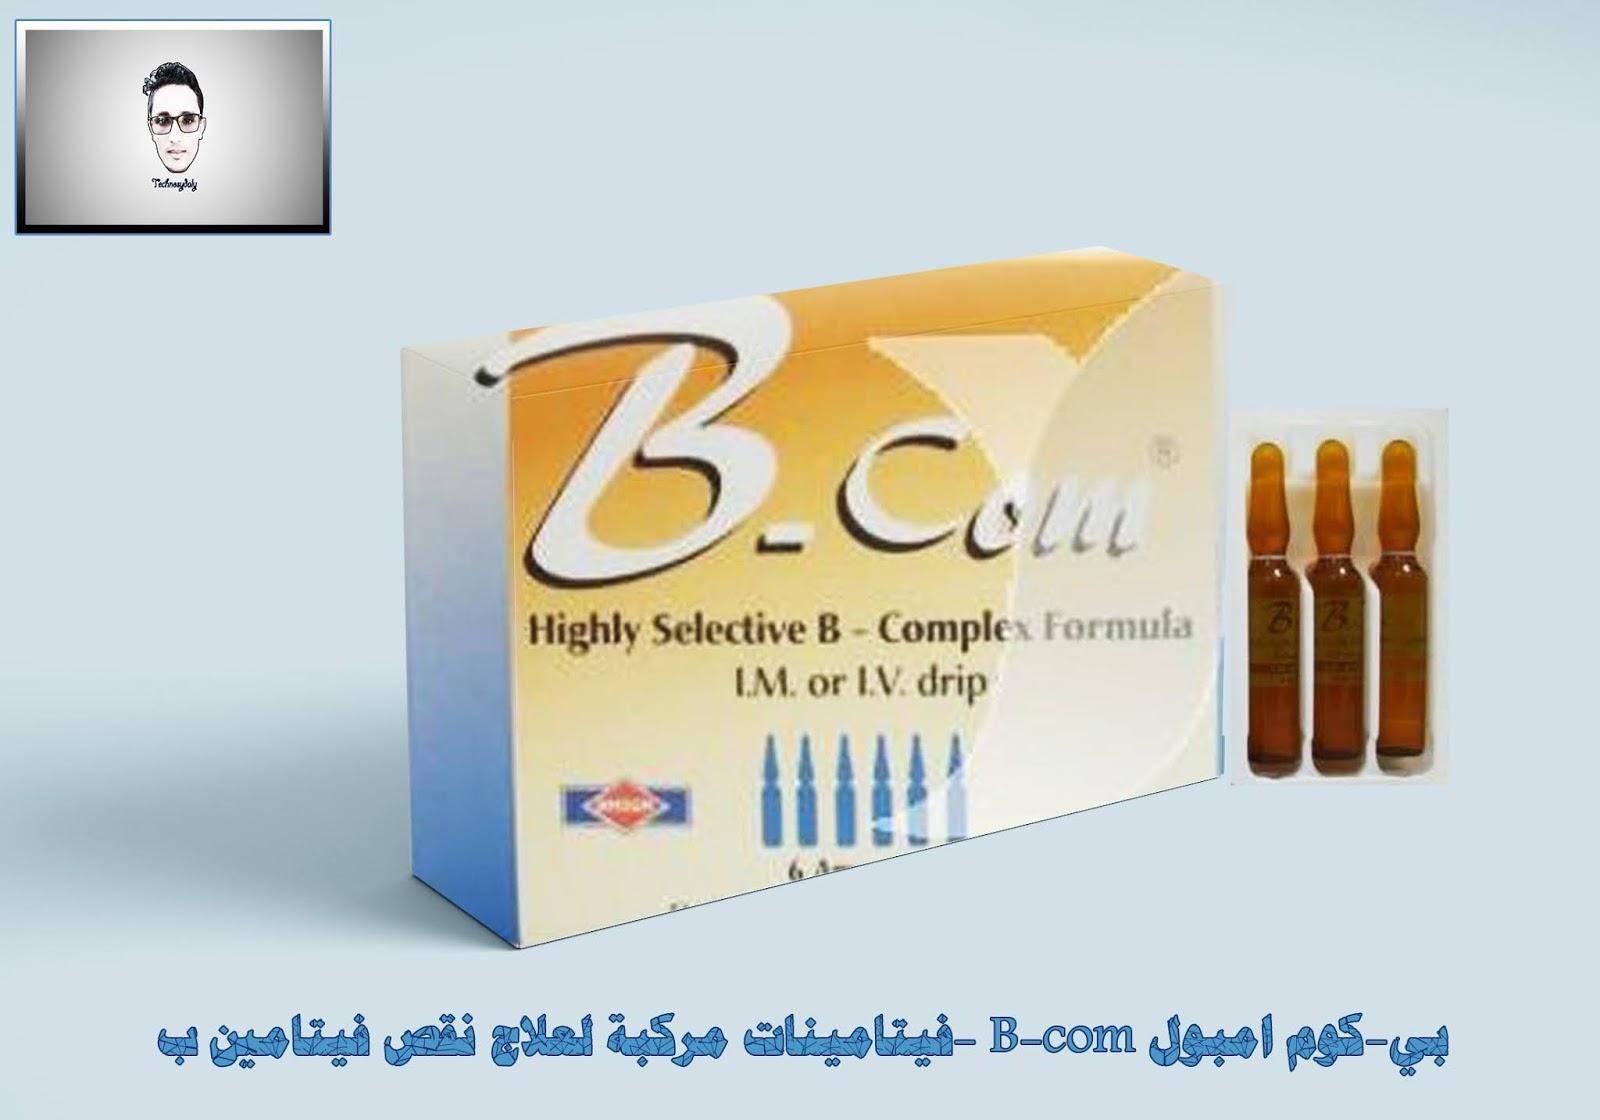 حقن بي-كوم امبول B-com -فيتامينات مركبة لعلاج نقص فيتامين ب لتقوية الاعصاب